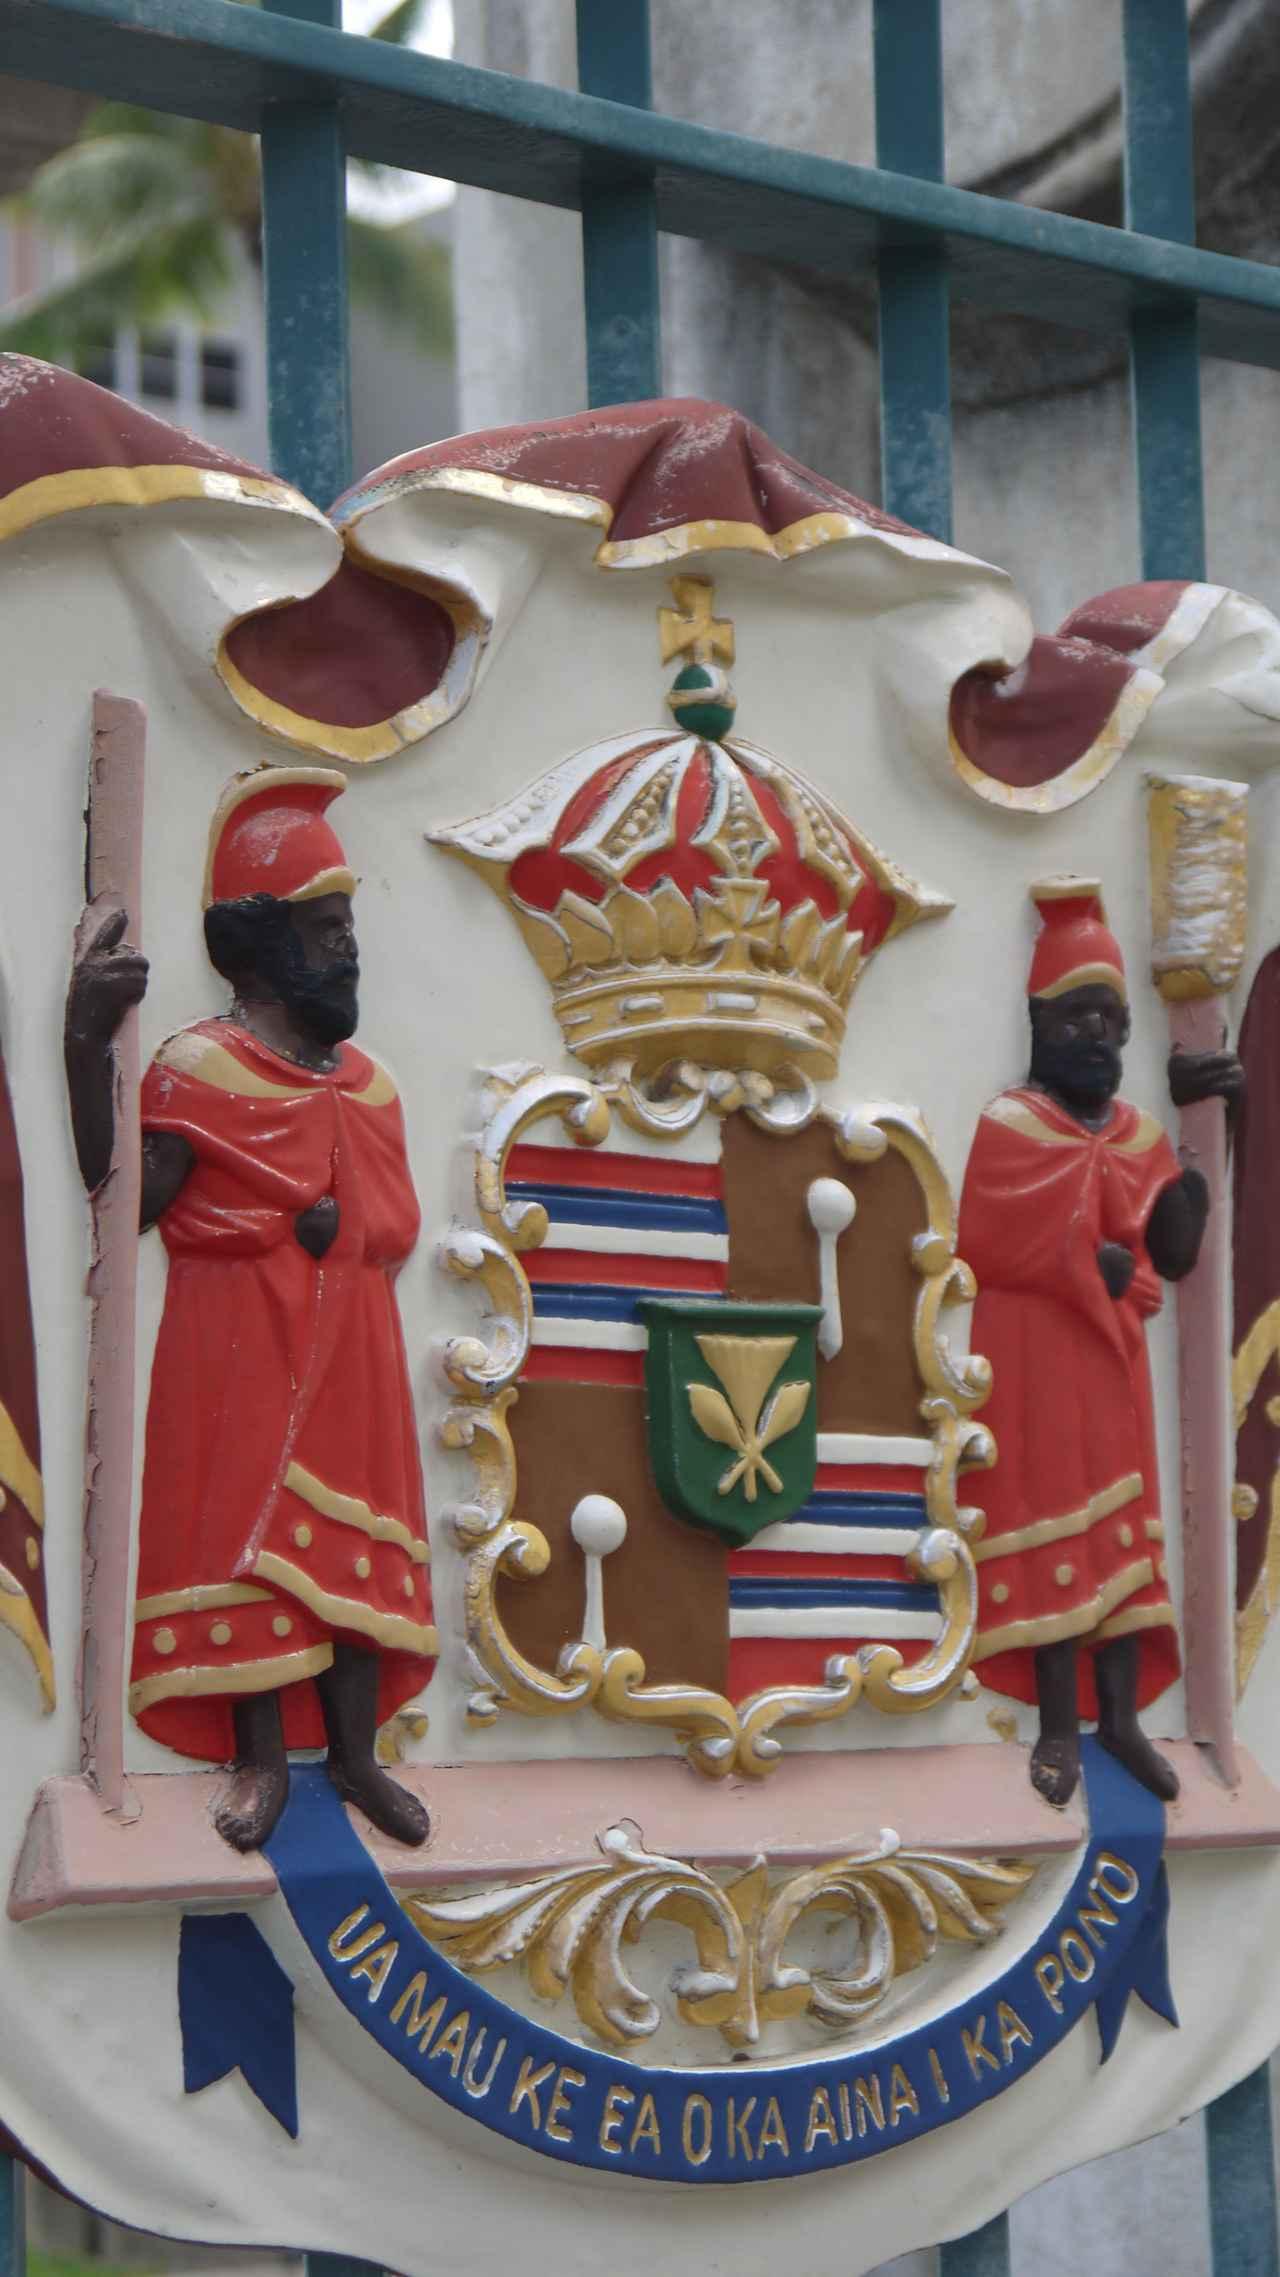 画像: ハワイ王国紋章 カメハメハ大王の双子の叔父、右がカメエイアモク左がカマナワ ハワイ王国のモットー UA MAU KE EA O KA AINA I KA PONOは「土地の統治権は正義によって護られる」という意味(撮影:YUKO)